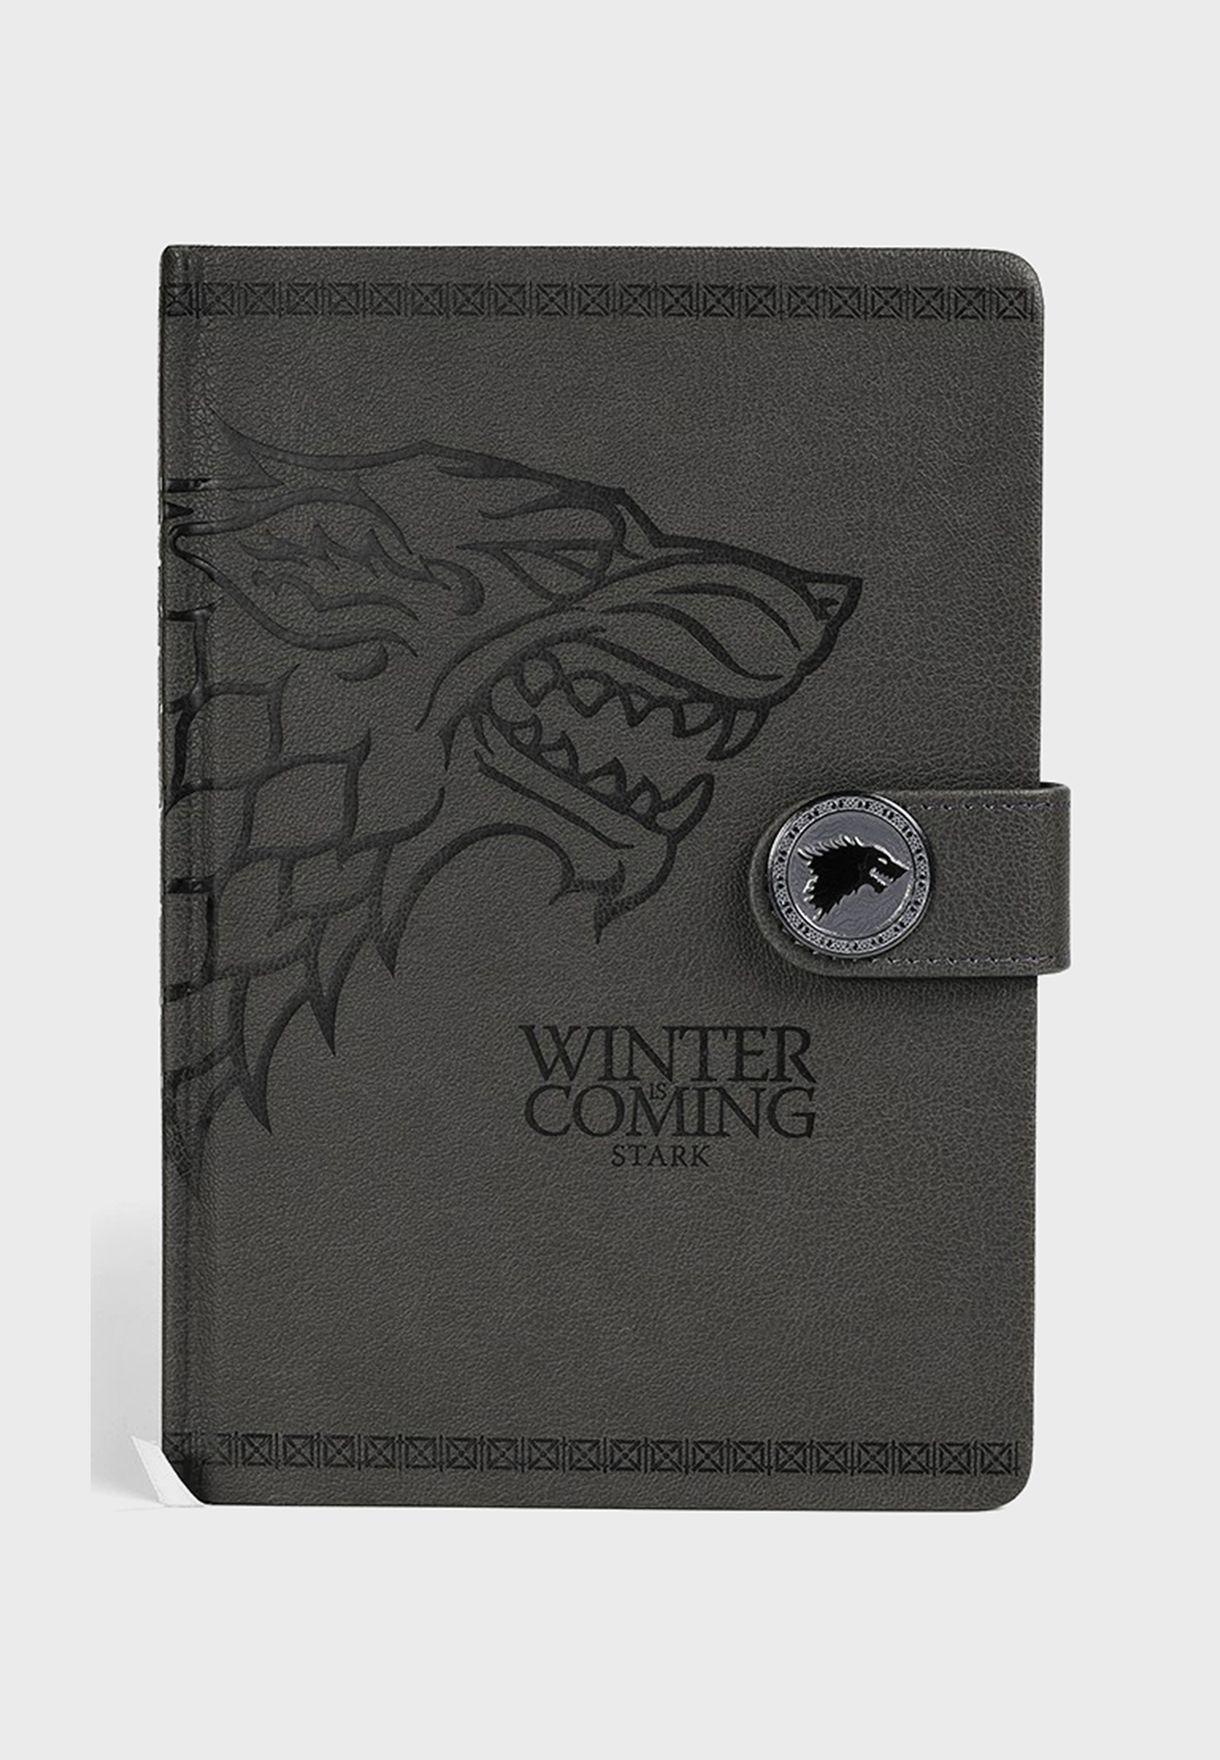 Games Of Thrones Stark Notebook